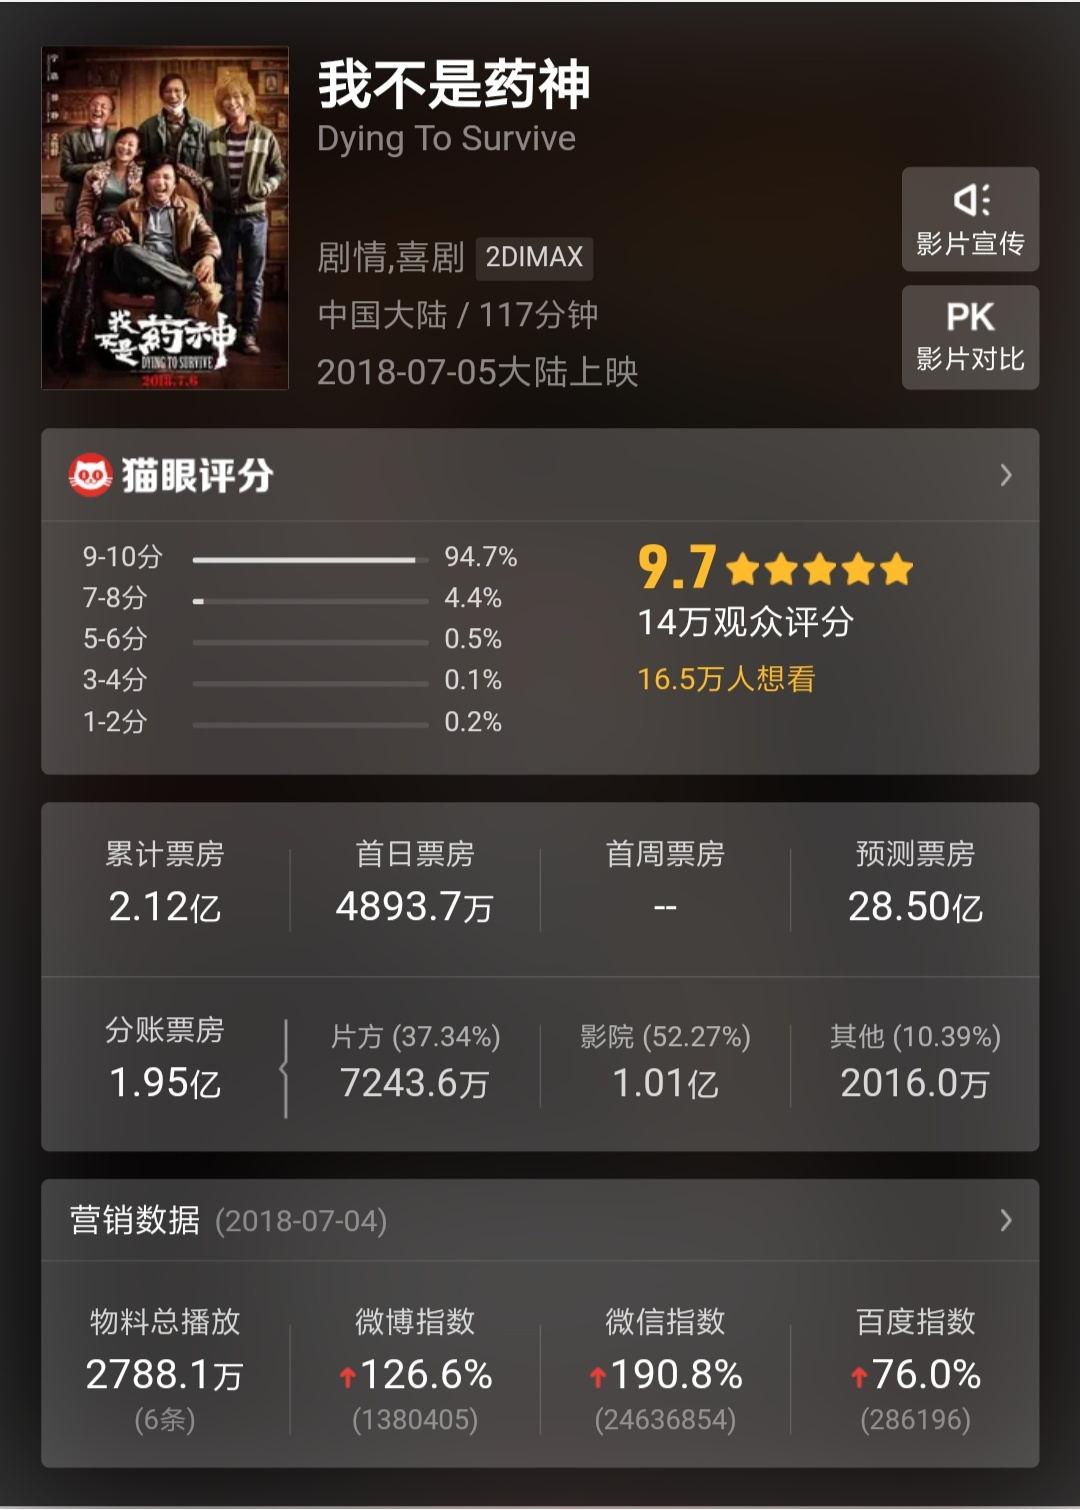 《我不是药神》引北京文化三连涨停 影视股或迎市场关注